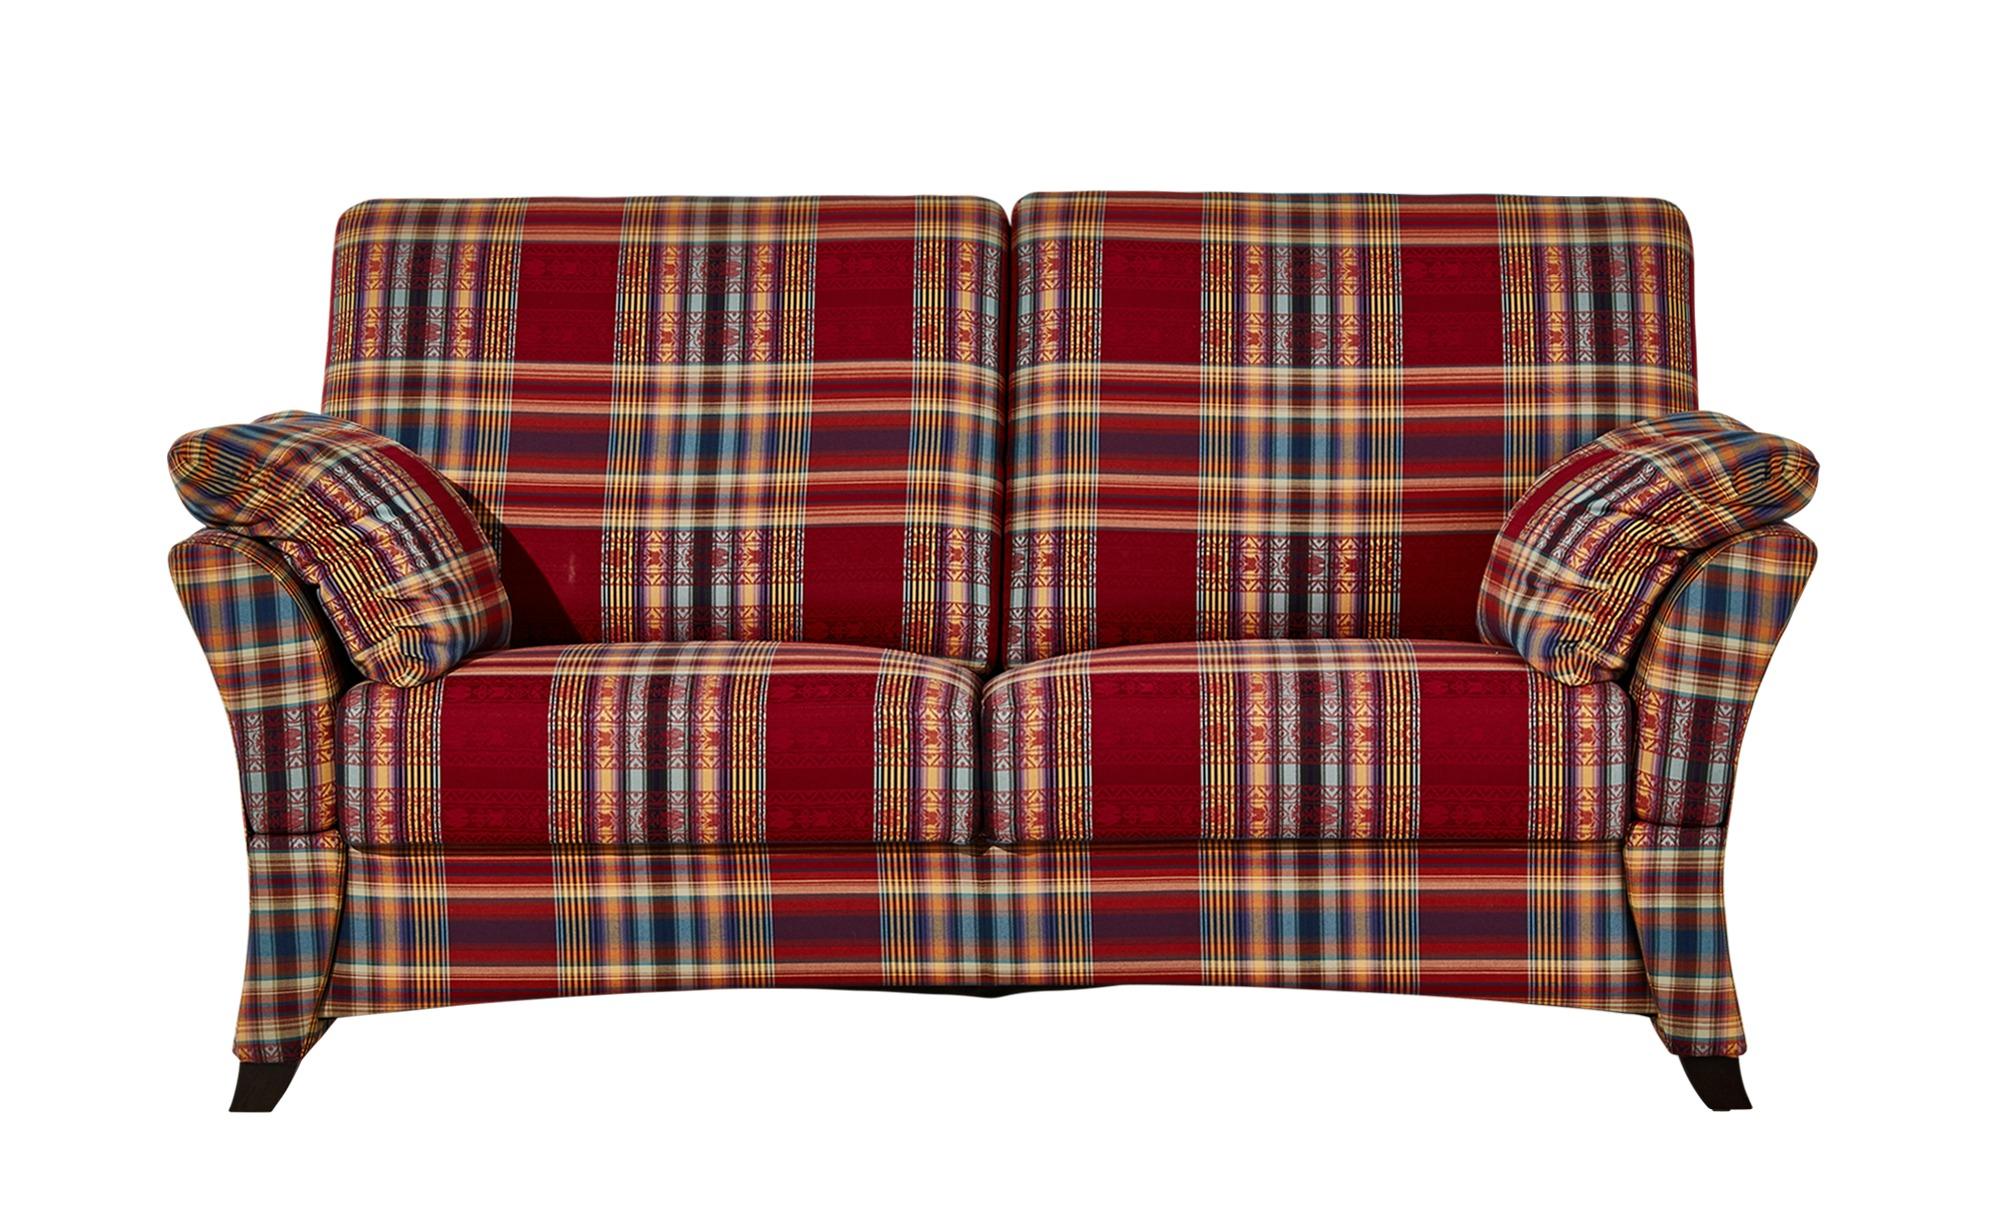 Sofa 2,5-sitzig, verstellbare Armlehnen rot/kariert - Webstoff Mikado ¦ mehrfarbig ¦ Maße (cm): B: 176 H: 93 T: 91 Polstermöbel > Sofas > Einzelsofas - Höffner